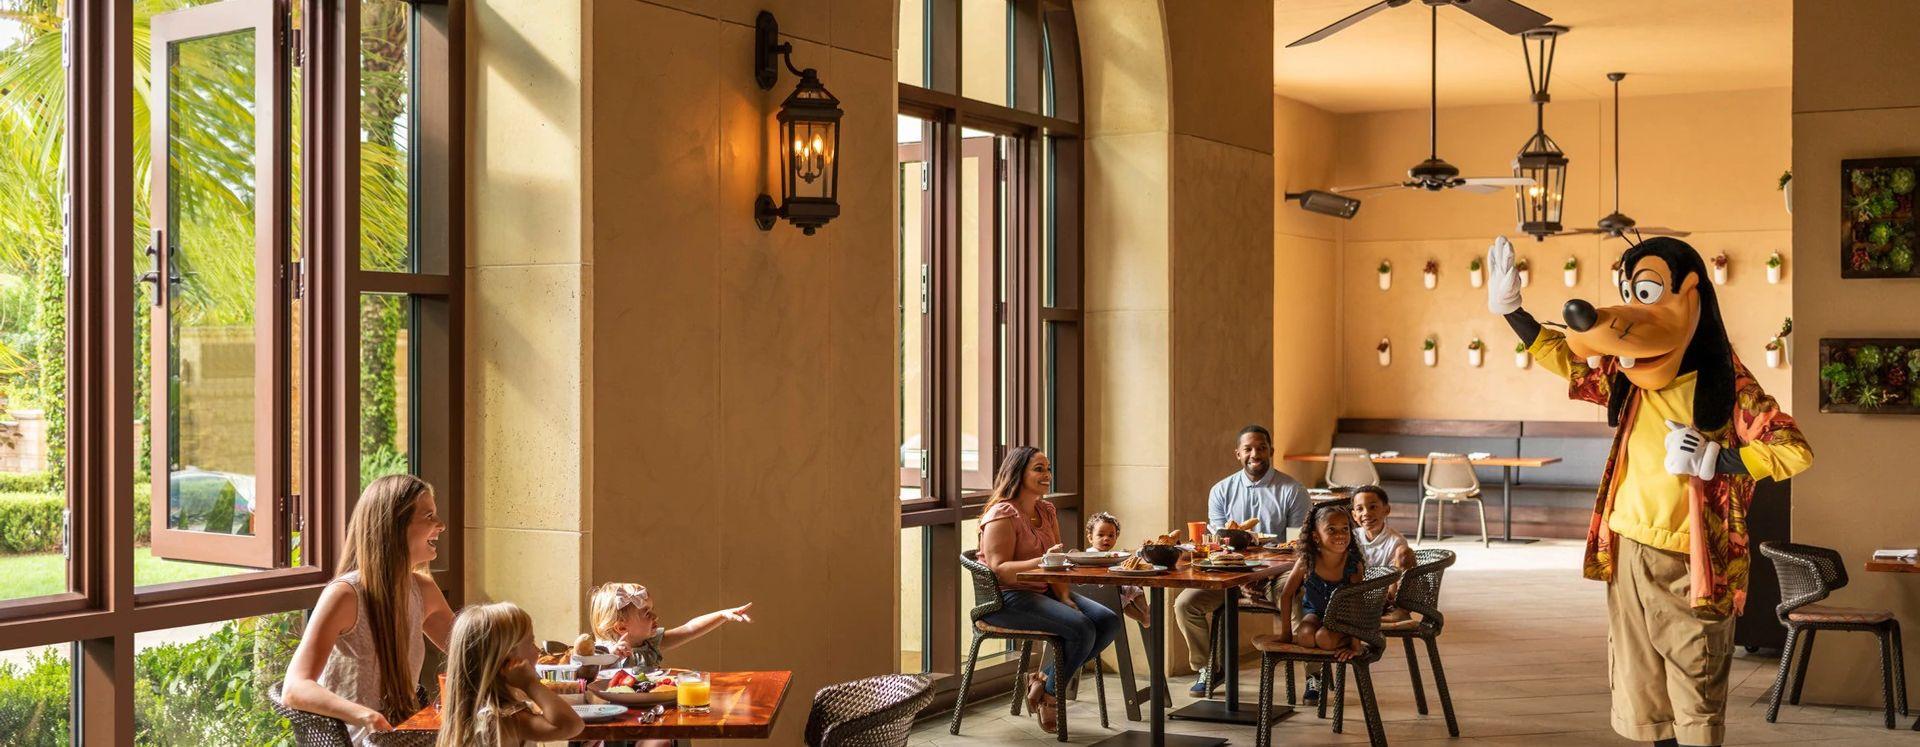 Pateta e uma família em Ravello, no Four Seasons Resort Orlando do Walt Disney World®